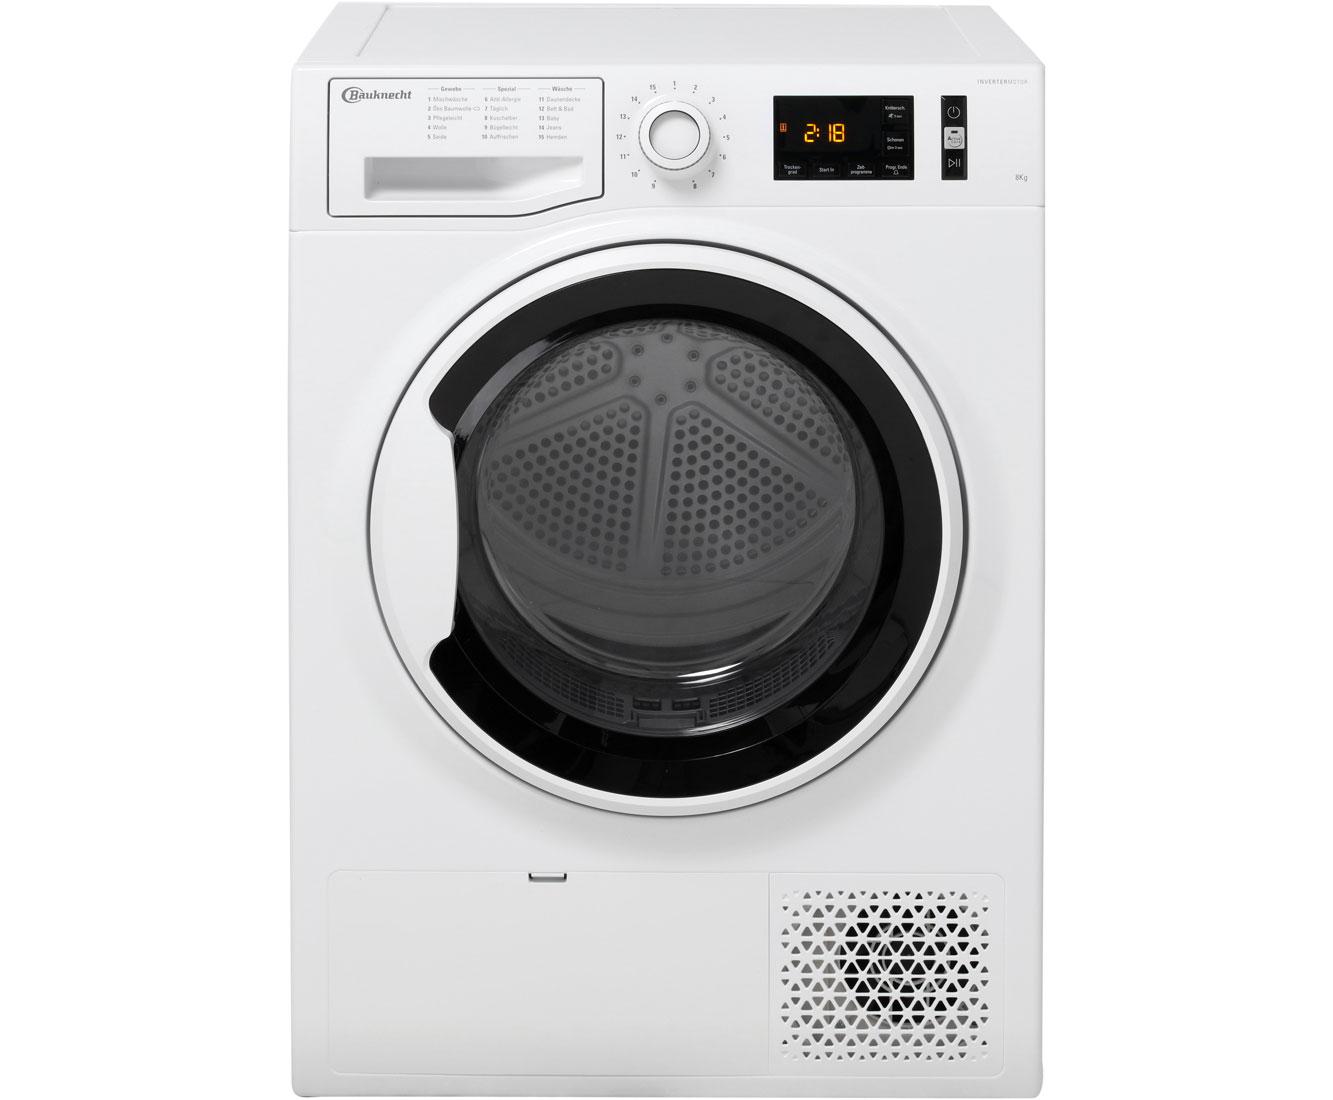 Bauknecht TK AO 8A+++ Wärmepumpentrockner - Weiß | Bad > Waschmaschinen und Trockner > Wärmepumpentrockner | Weiß | Bauknecht